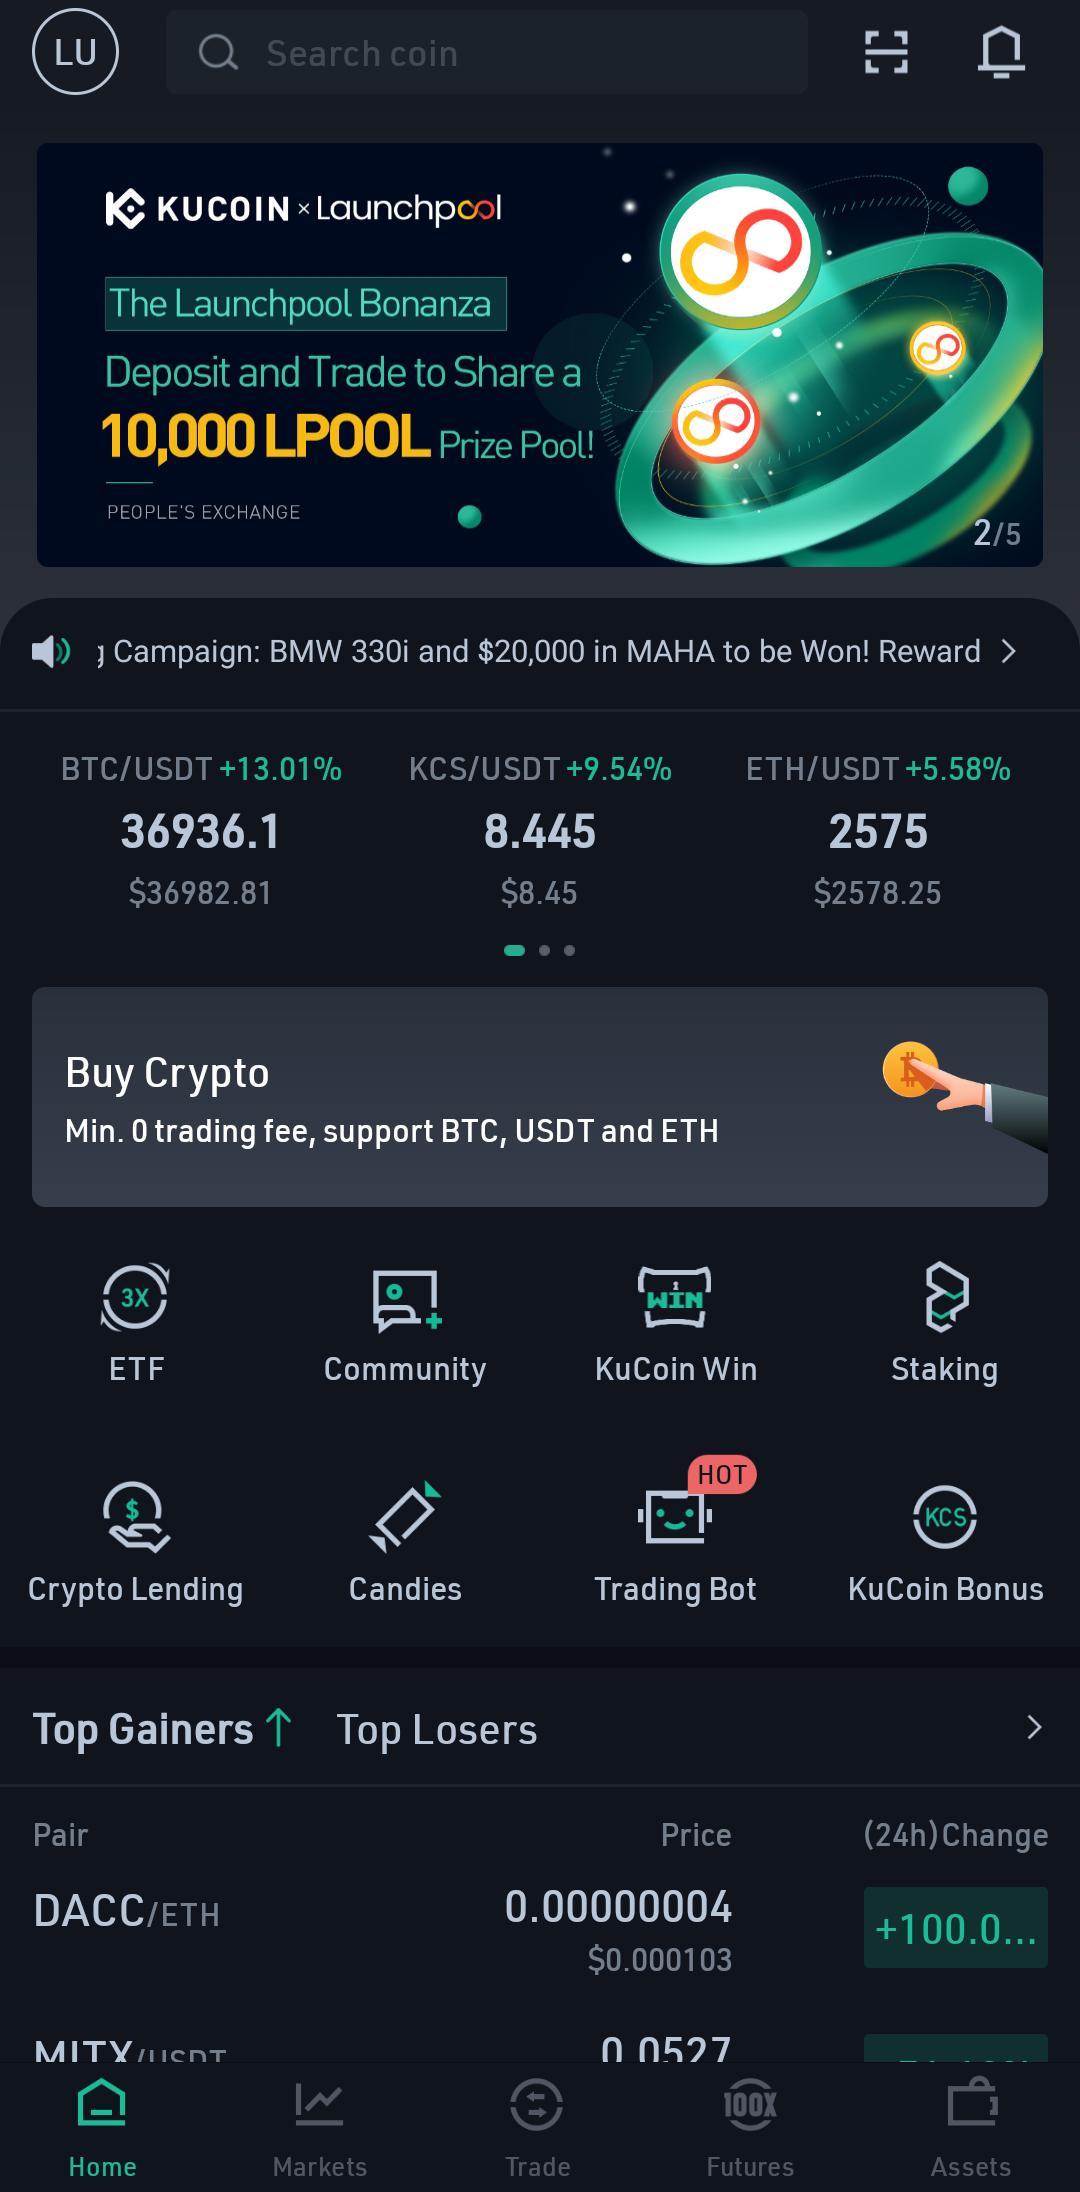 KuCoin Screenshot